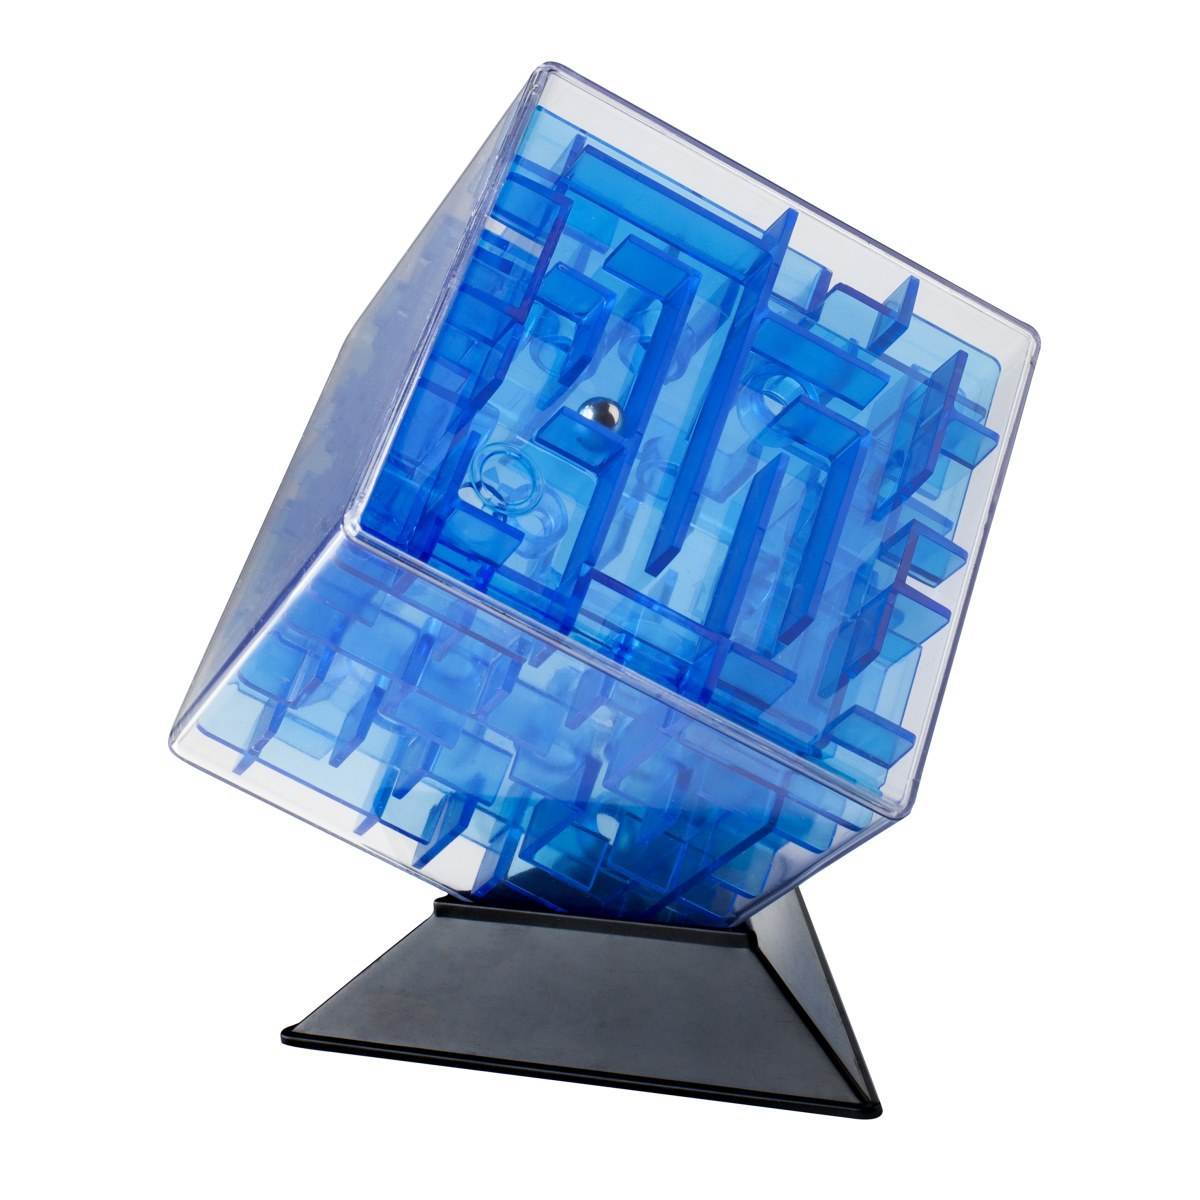 Labirintus Головоломка Куб цвет синий 10 см labirintus головоломка брелок цвет оранжевый